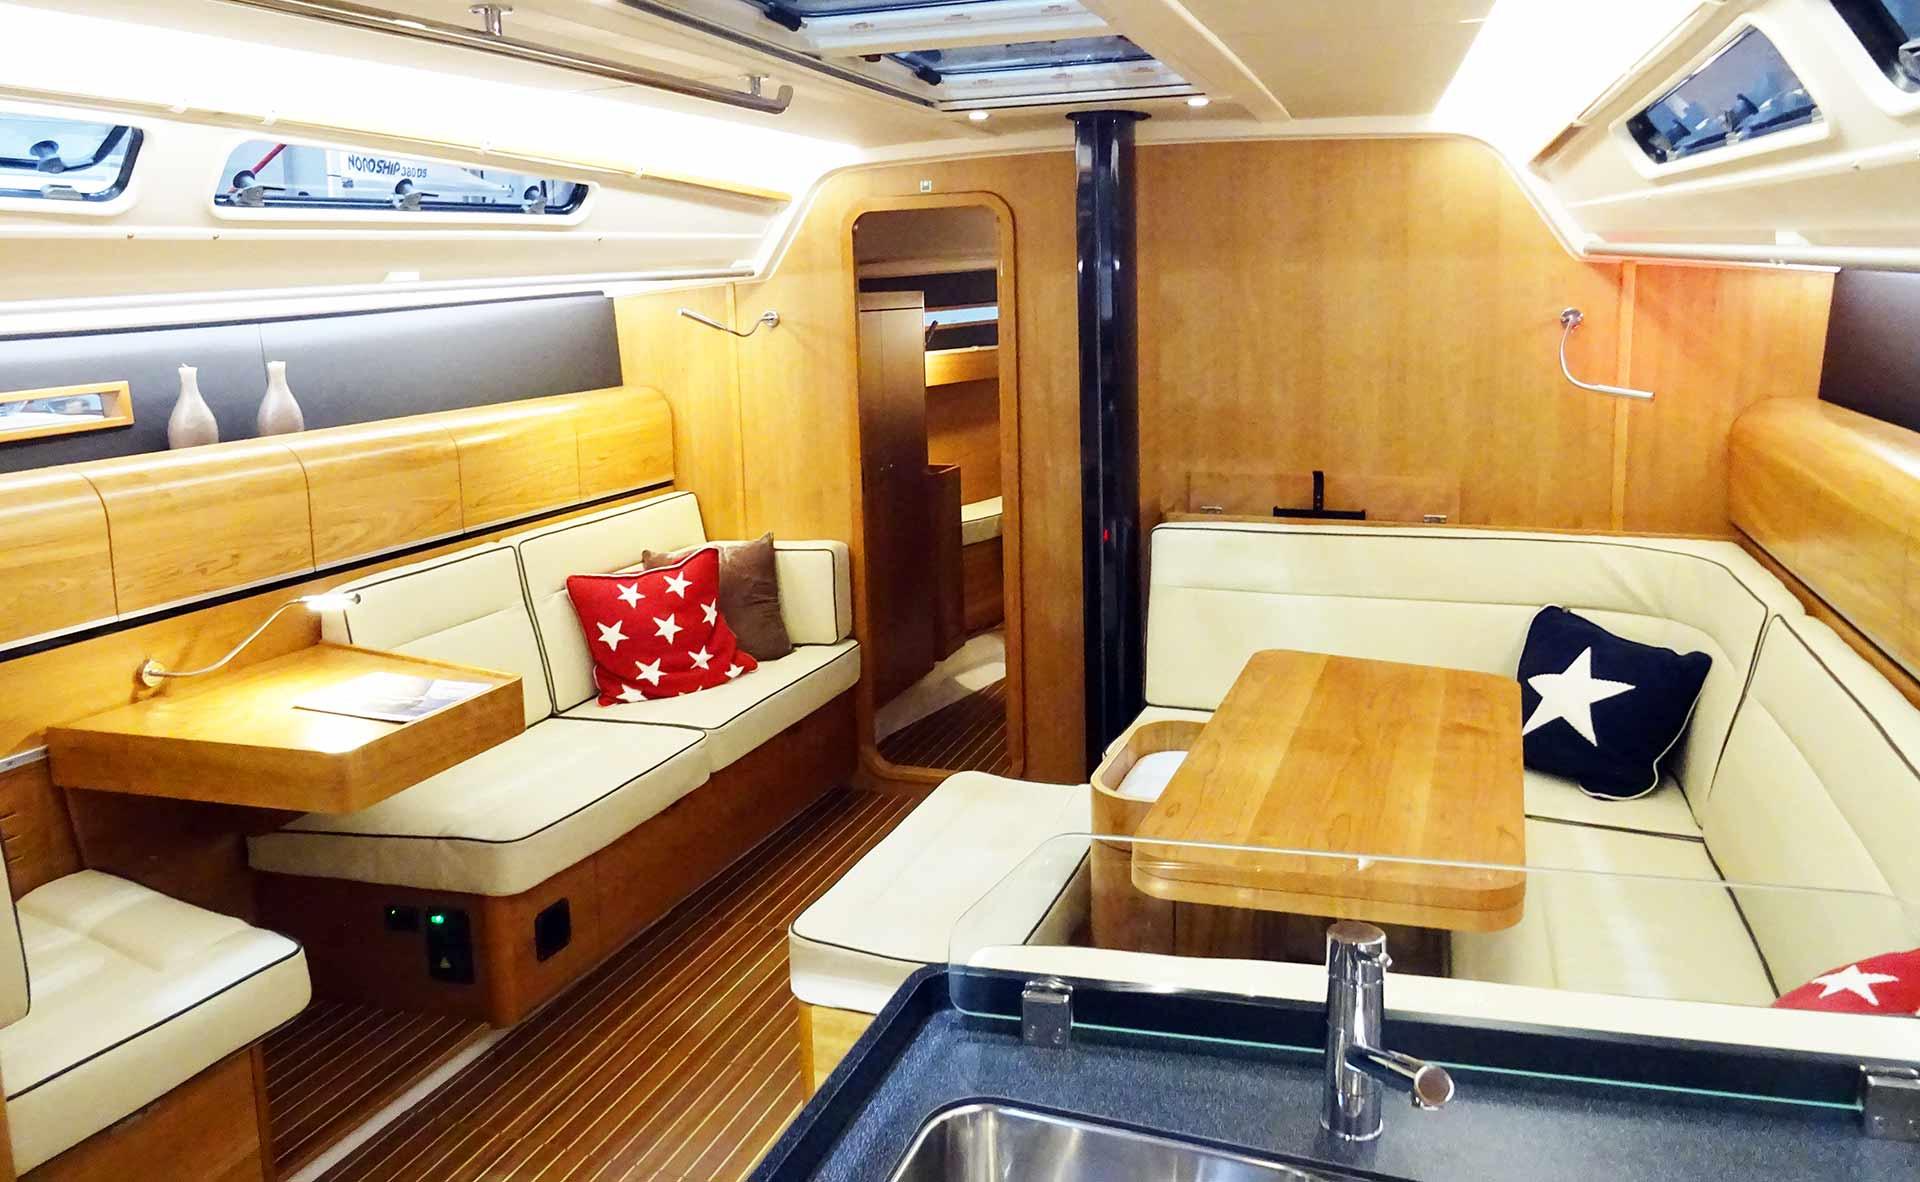 Her interior is modern, timeless: Great work, Dehler!